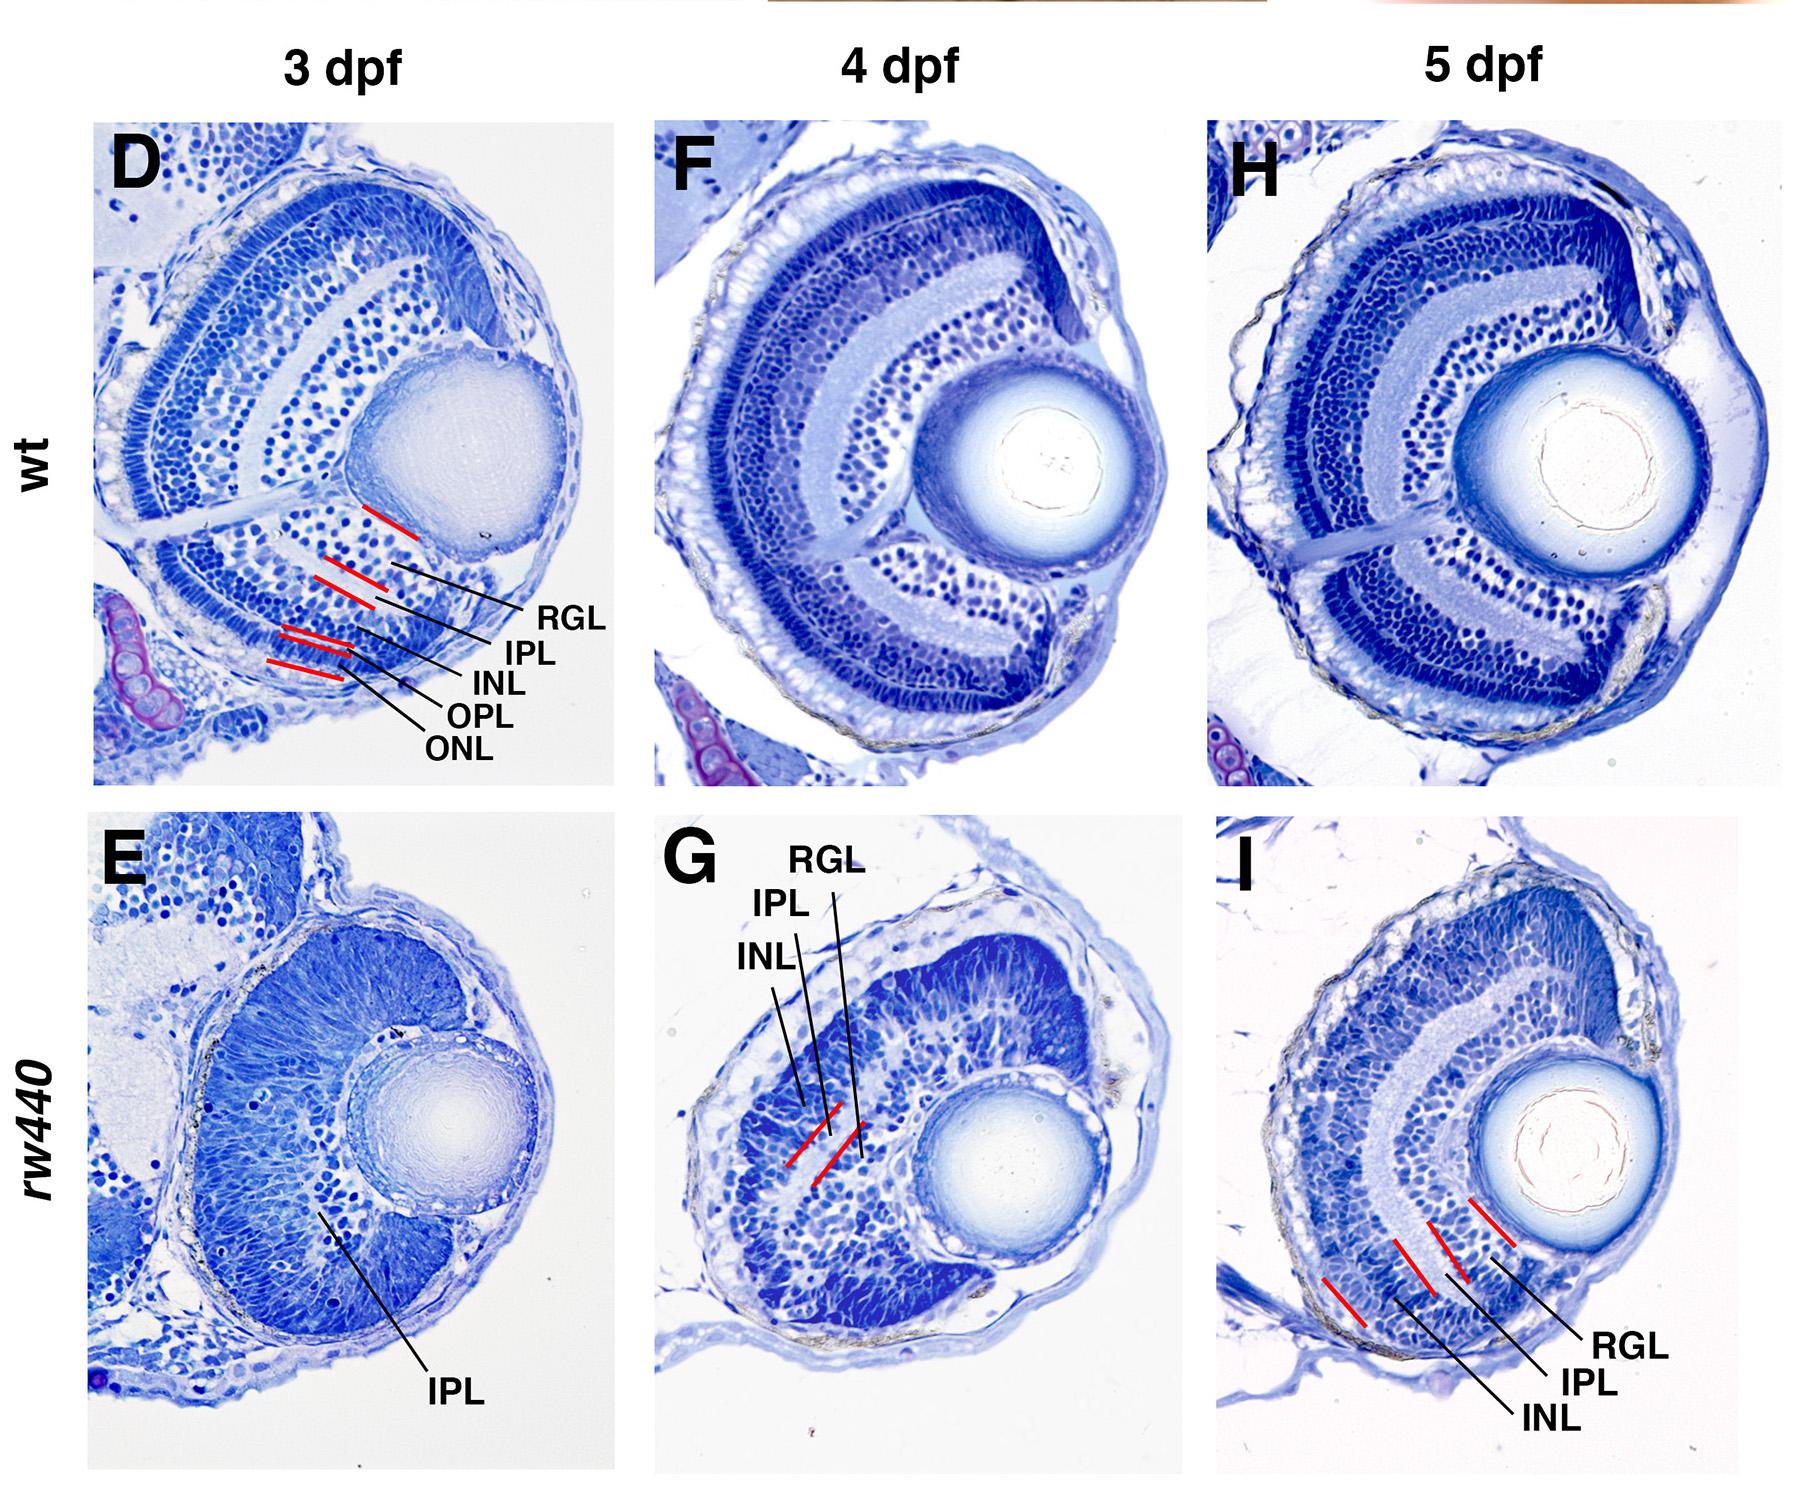 ゼブラフィッシュの網膜発生